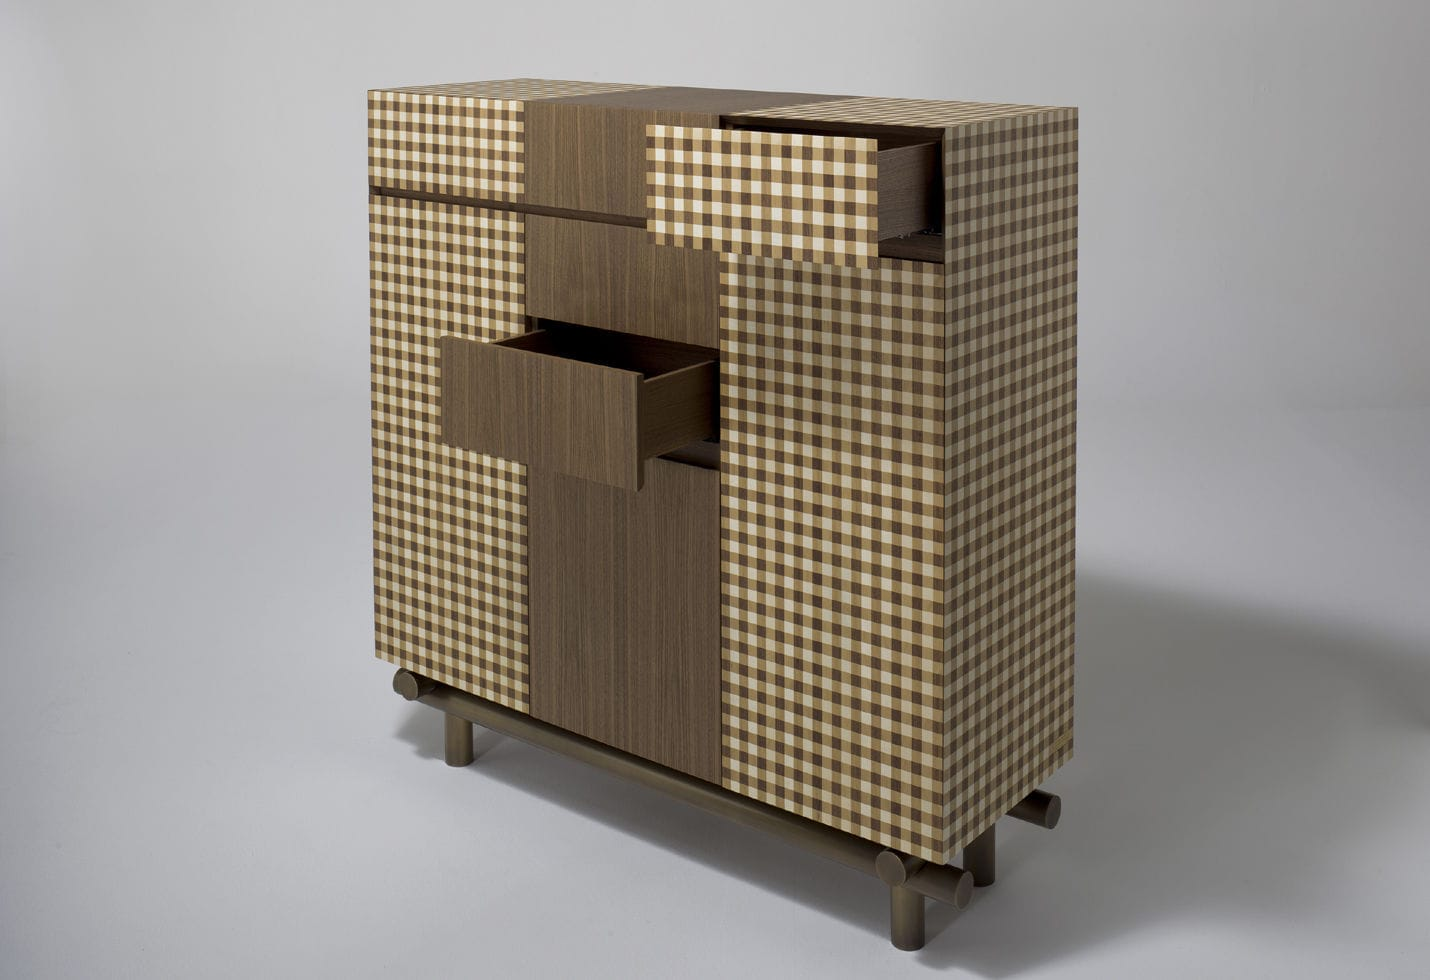 Credenza Legno Rustica : Credenza alta classica in legno di ferruccio laviani rustica